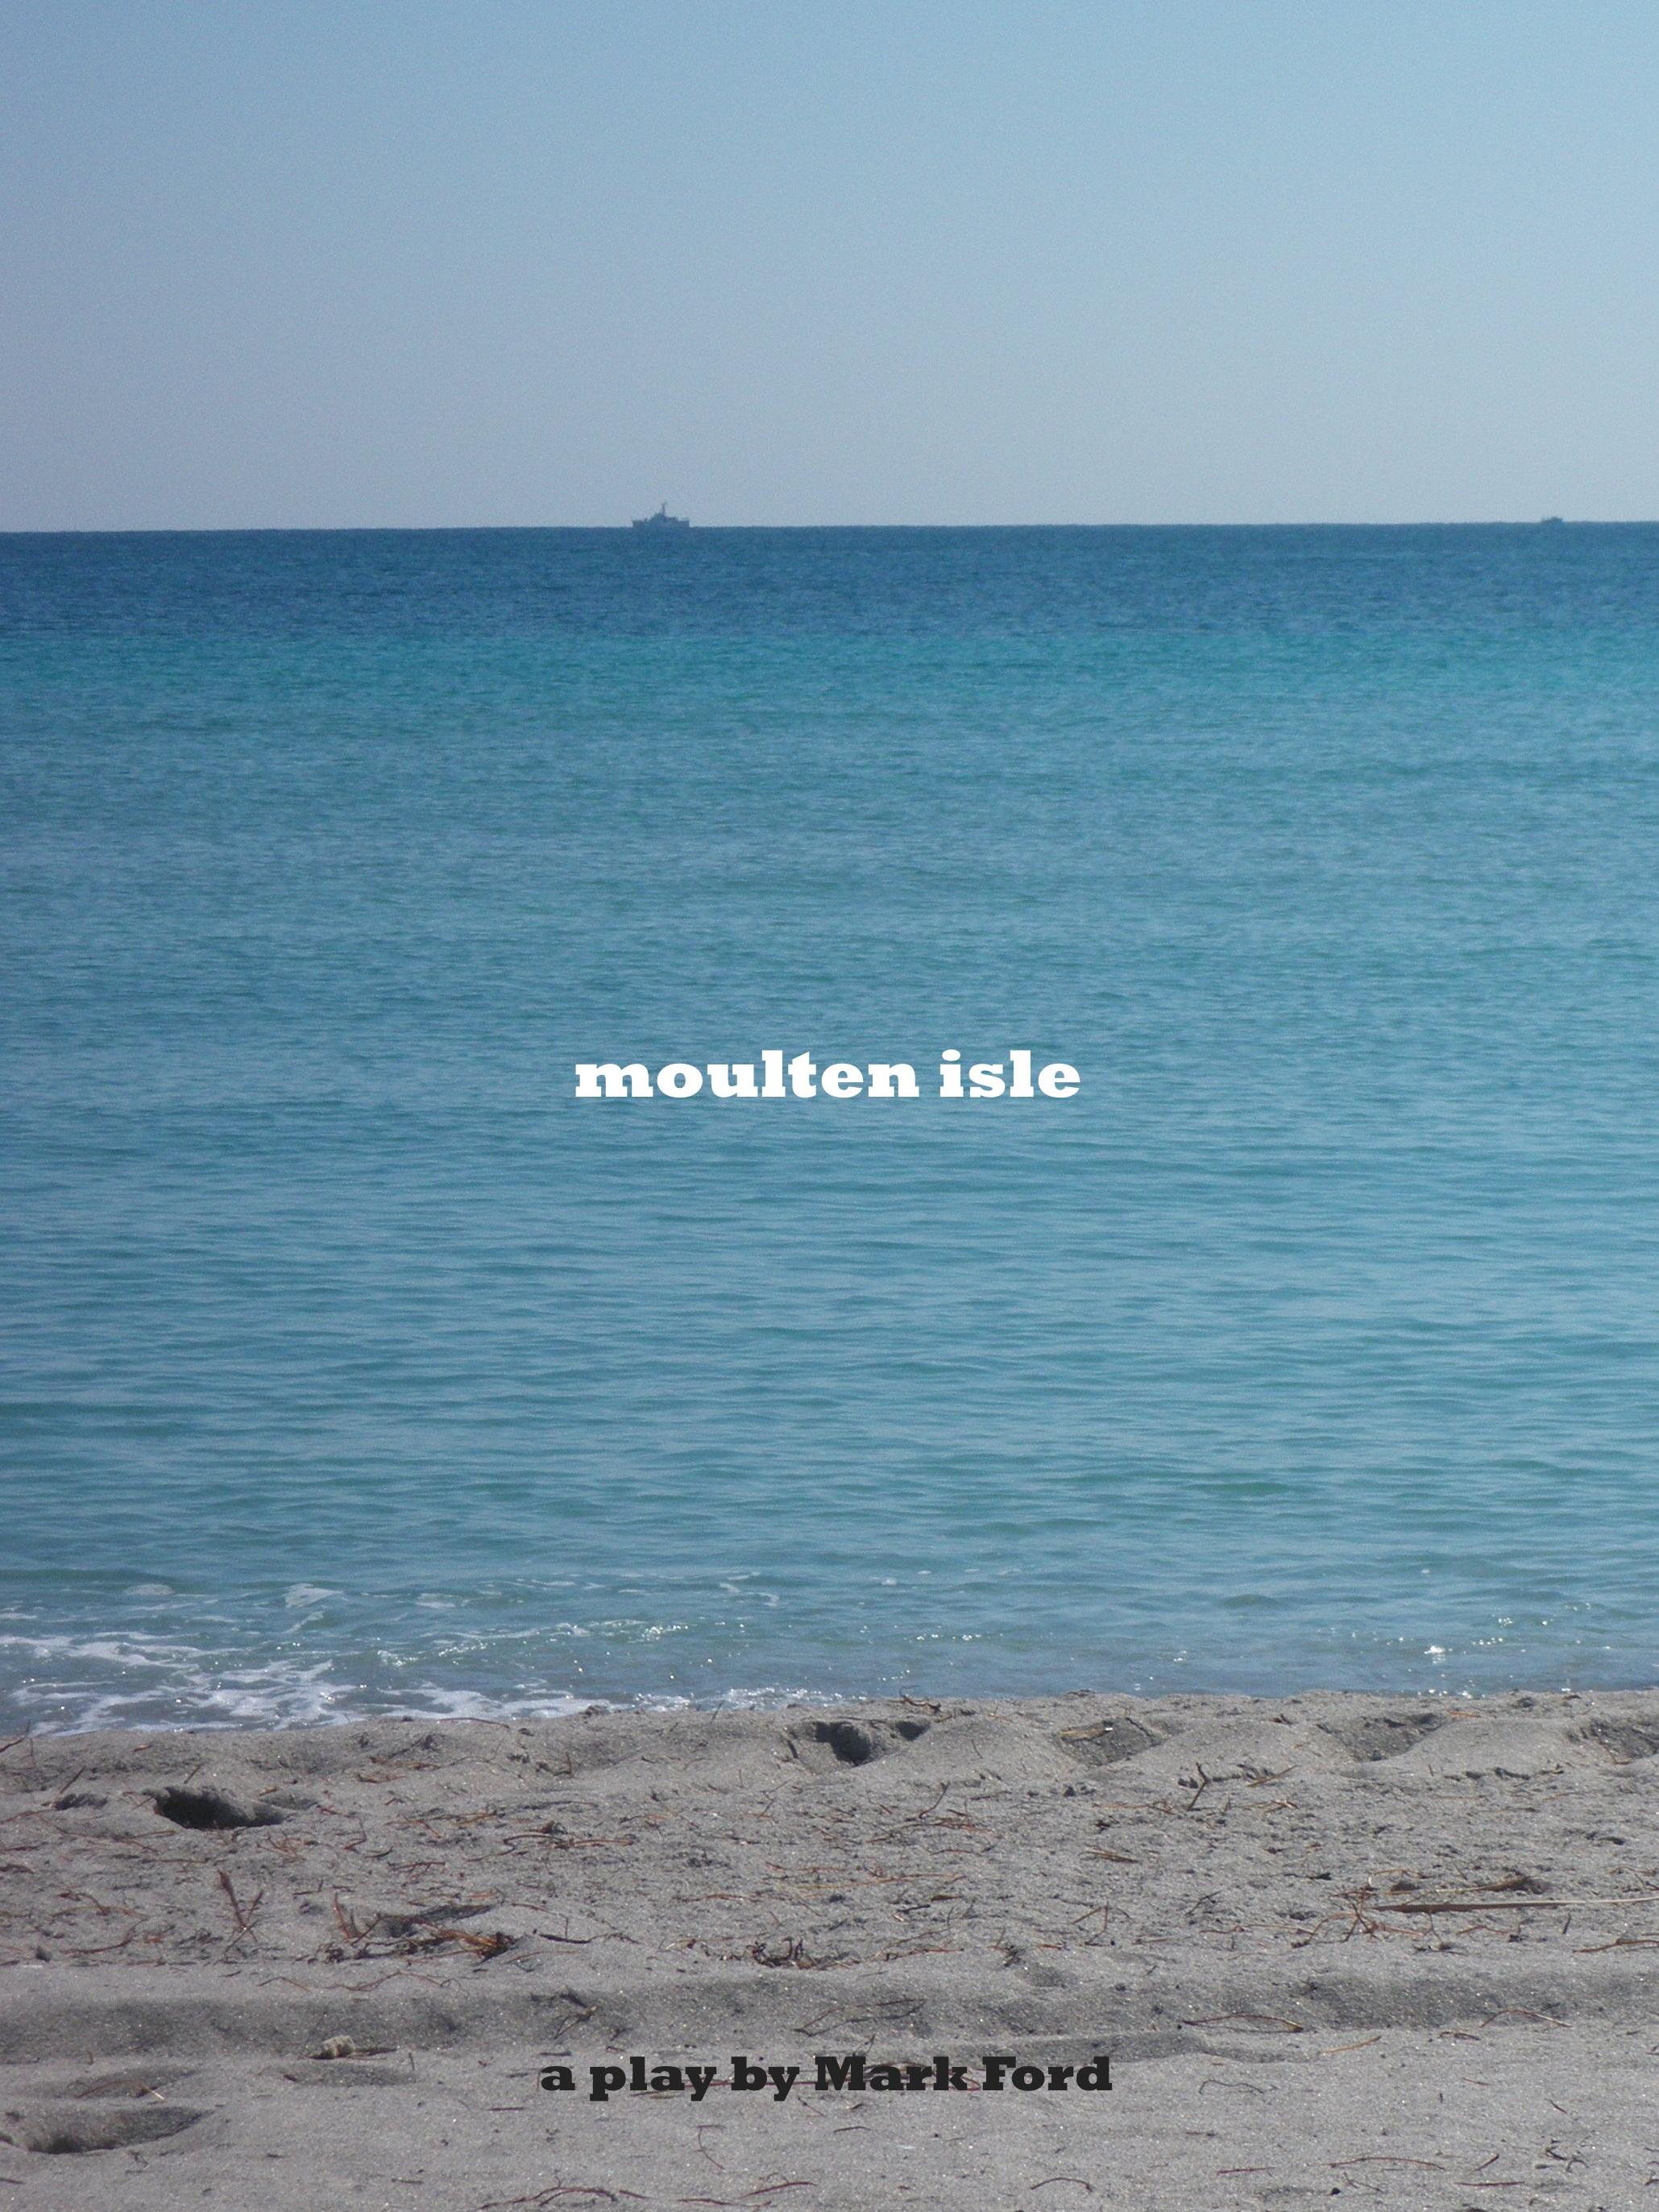 Moulten Isle